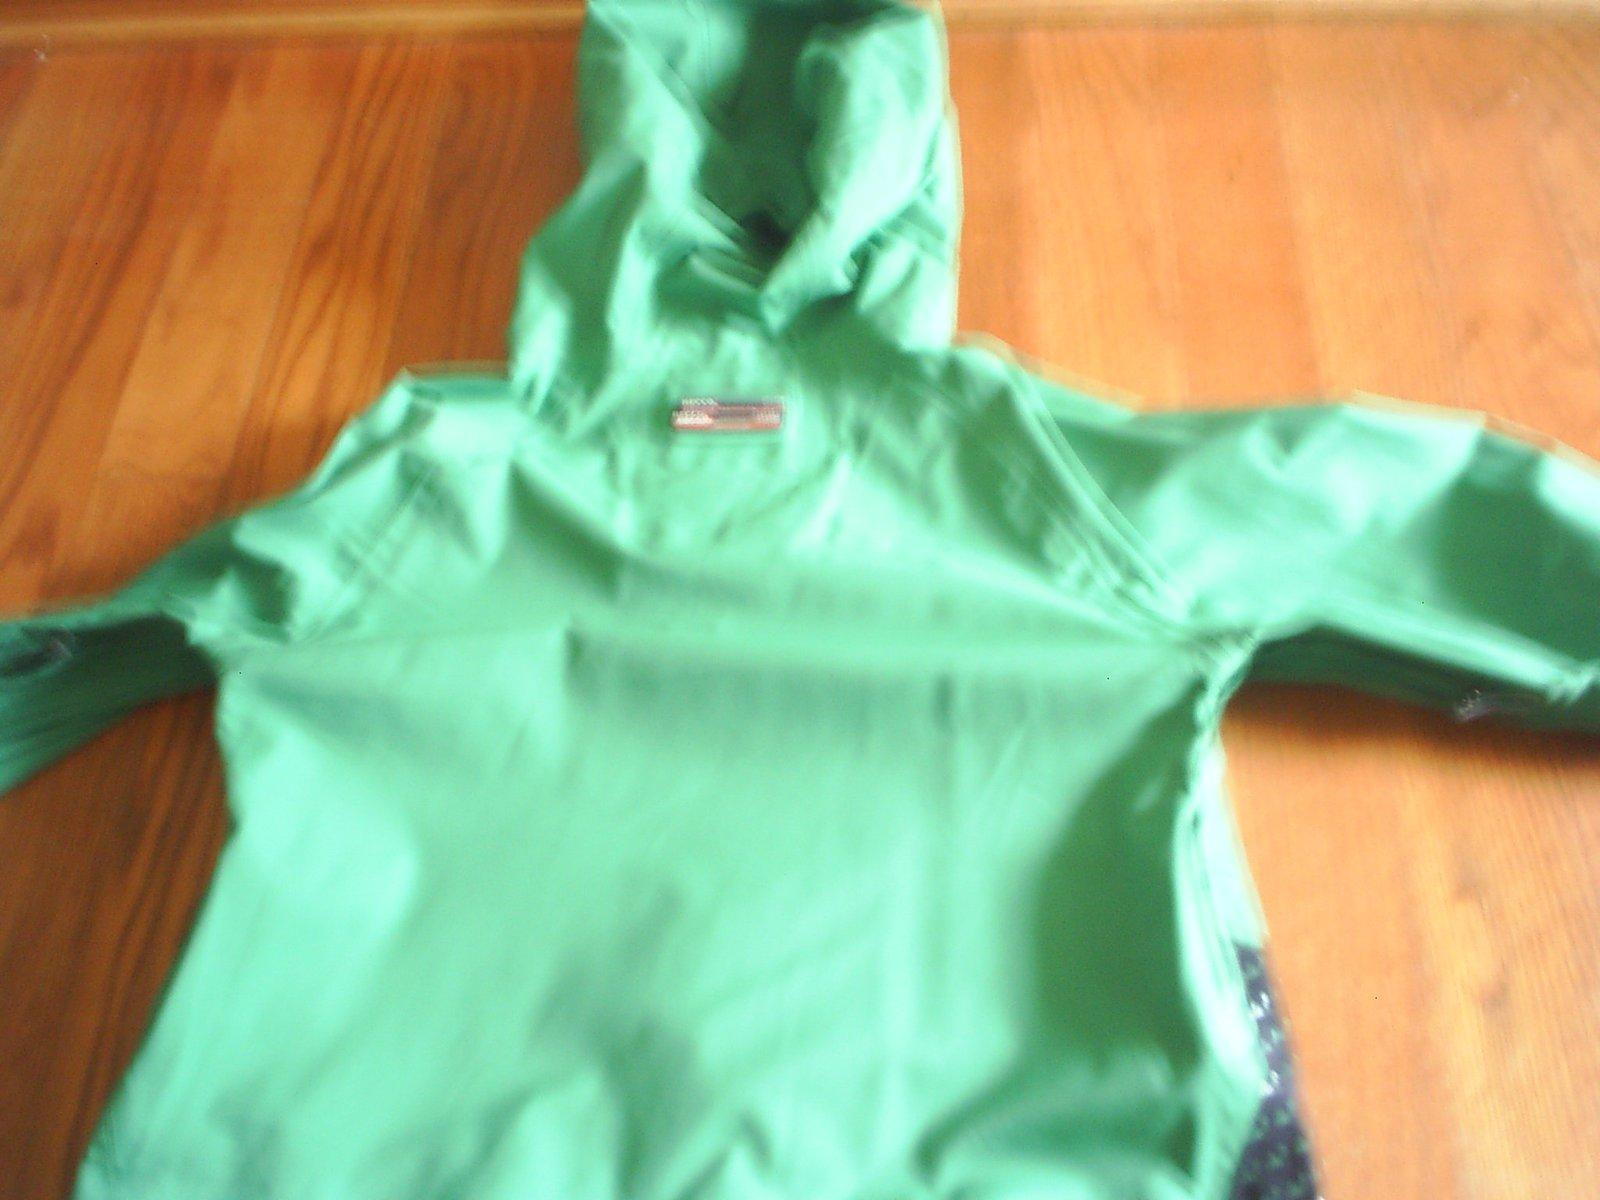 Back side of volcom jacket